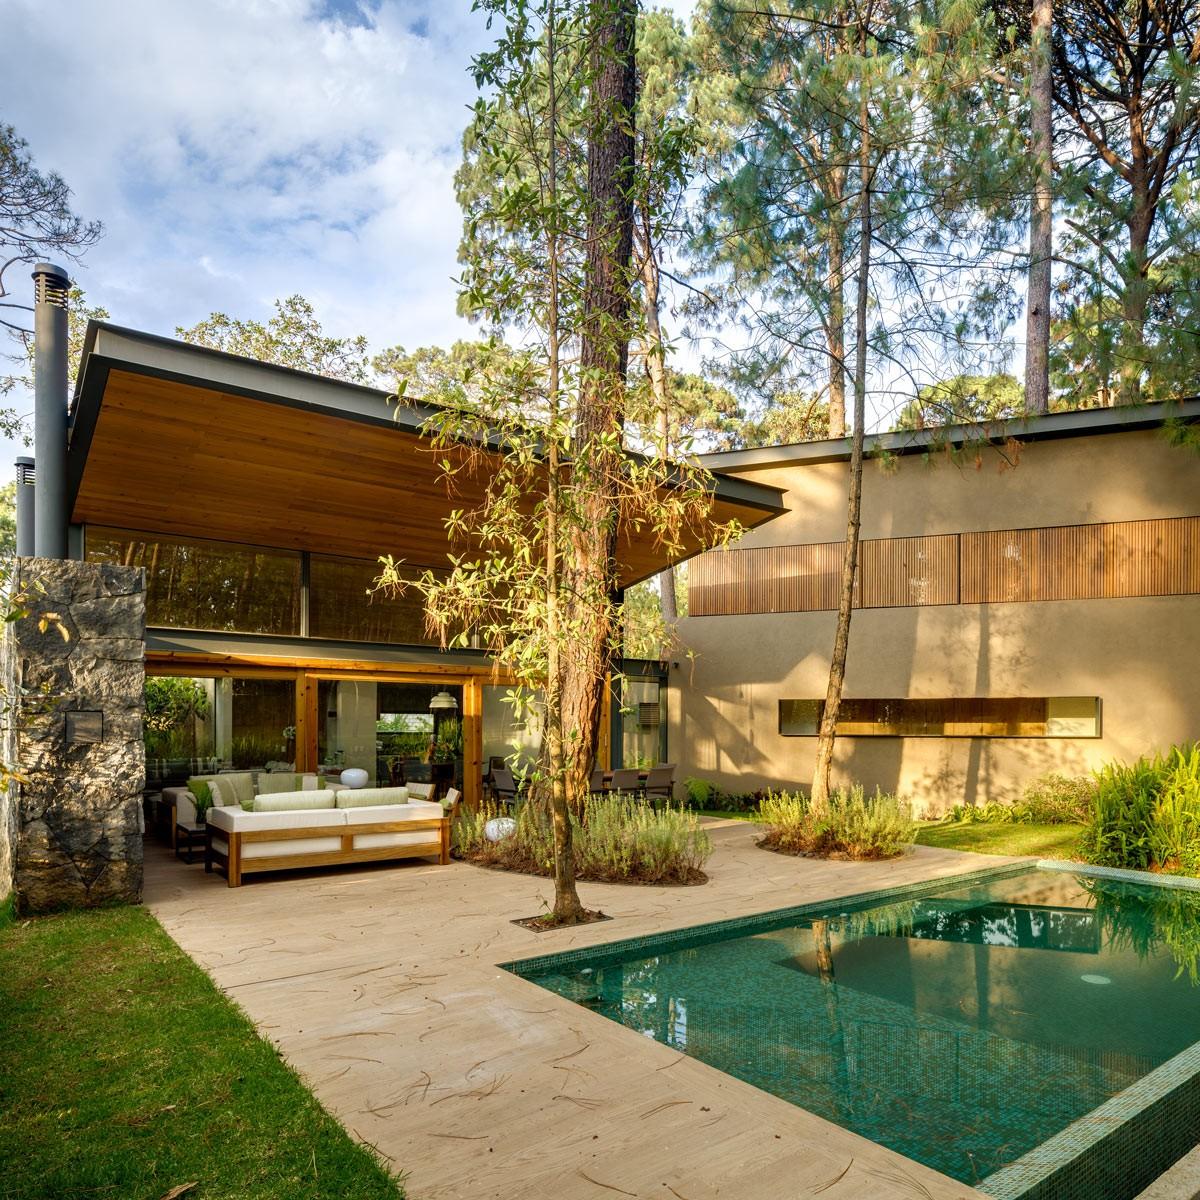 Estudio de Interiores: Weber Arquitectos crea lujuosos y exclusivos ambientes estudio de interiores Estudio de Interiores: Weber Arquitectos crea lujuosos y exclusivos ambientes 3